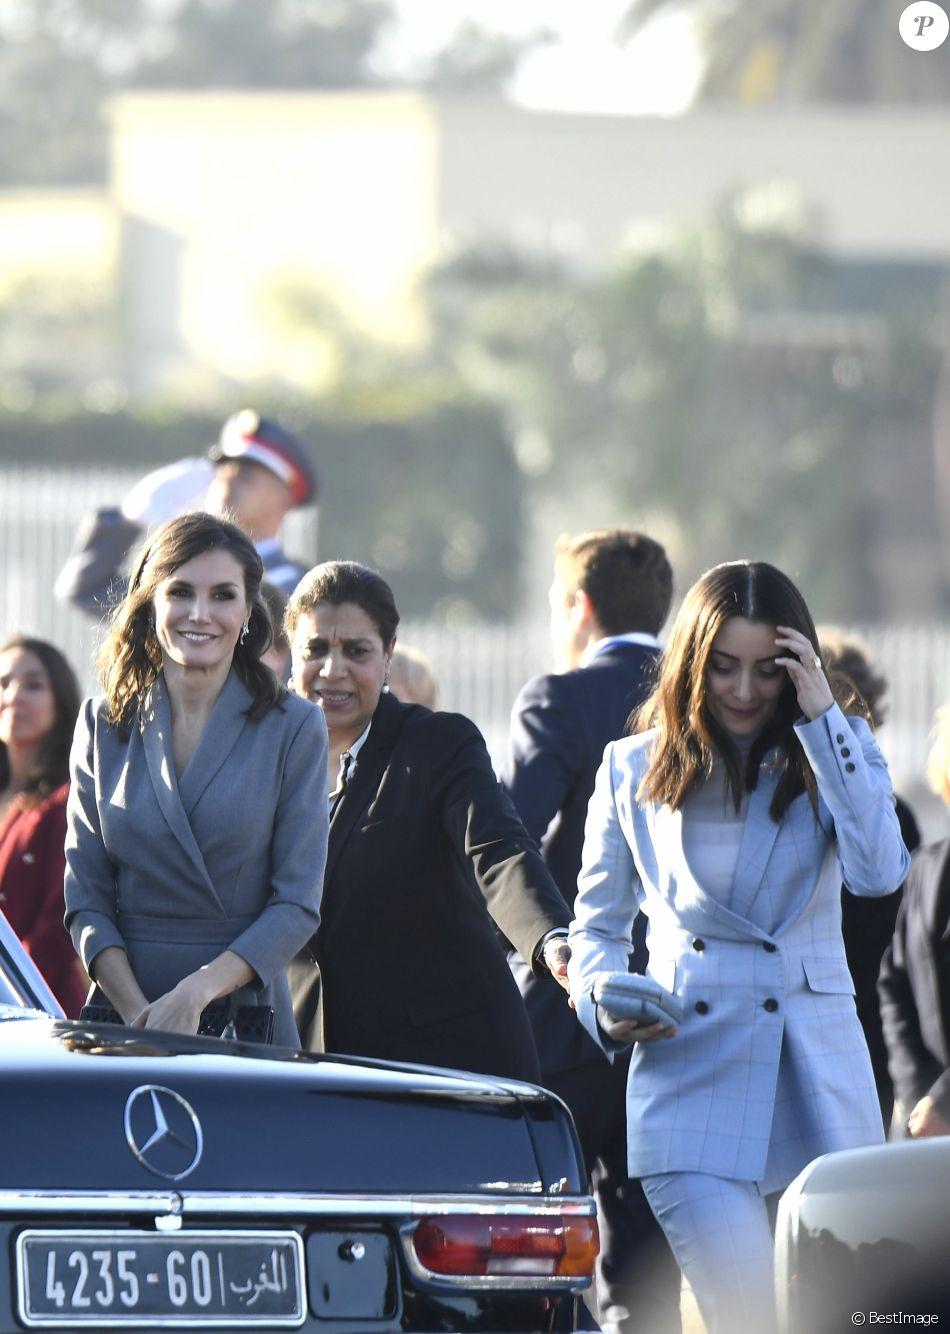 Le roi Felipe VI et la reine Letizia d'Espagne (ici au côté de Lalla Oum Keltoum, épouse du prince Moulay Rachid) ont été accueillis le 13 février 2019 par le roi Mohammed VI et sa famille à Rabat au Maroc, où les cérémonies officielles de bienvenue ont eu lieu place du Mechouar au palais royal.